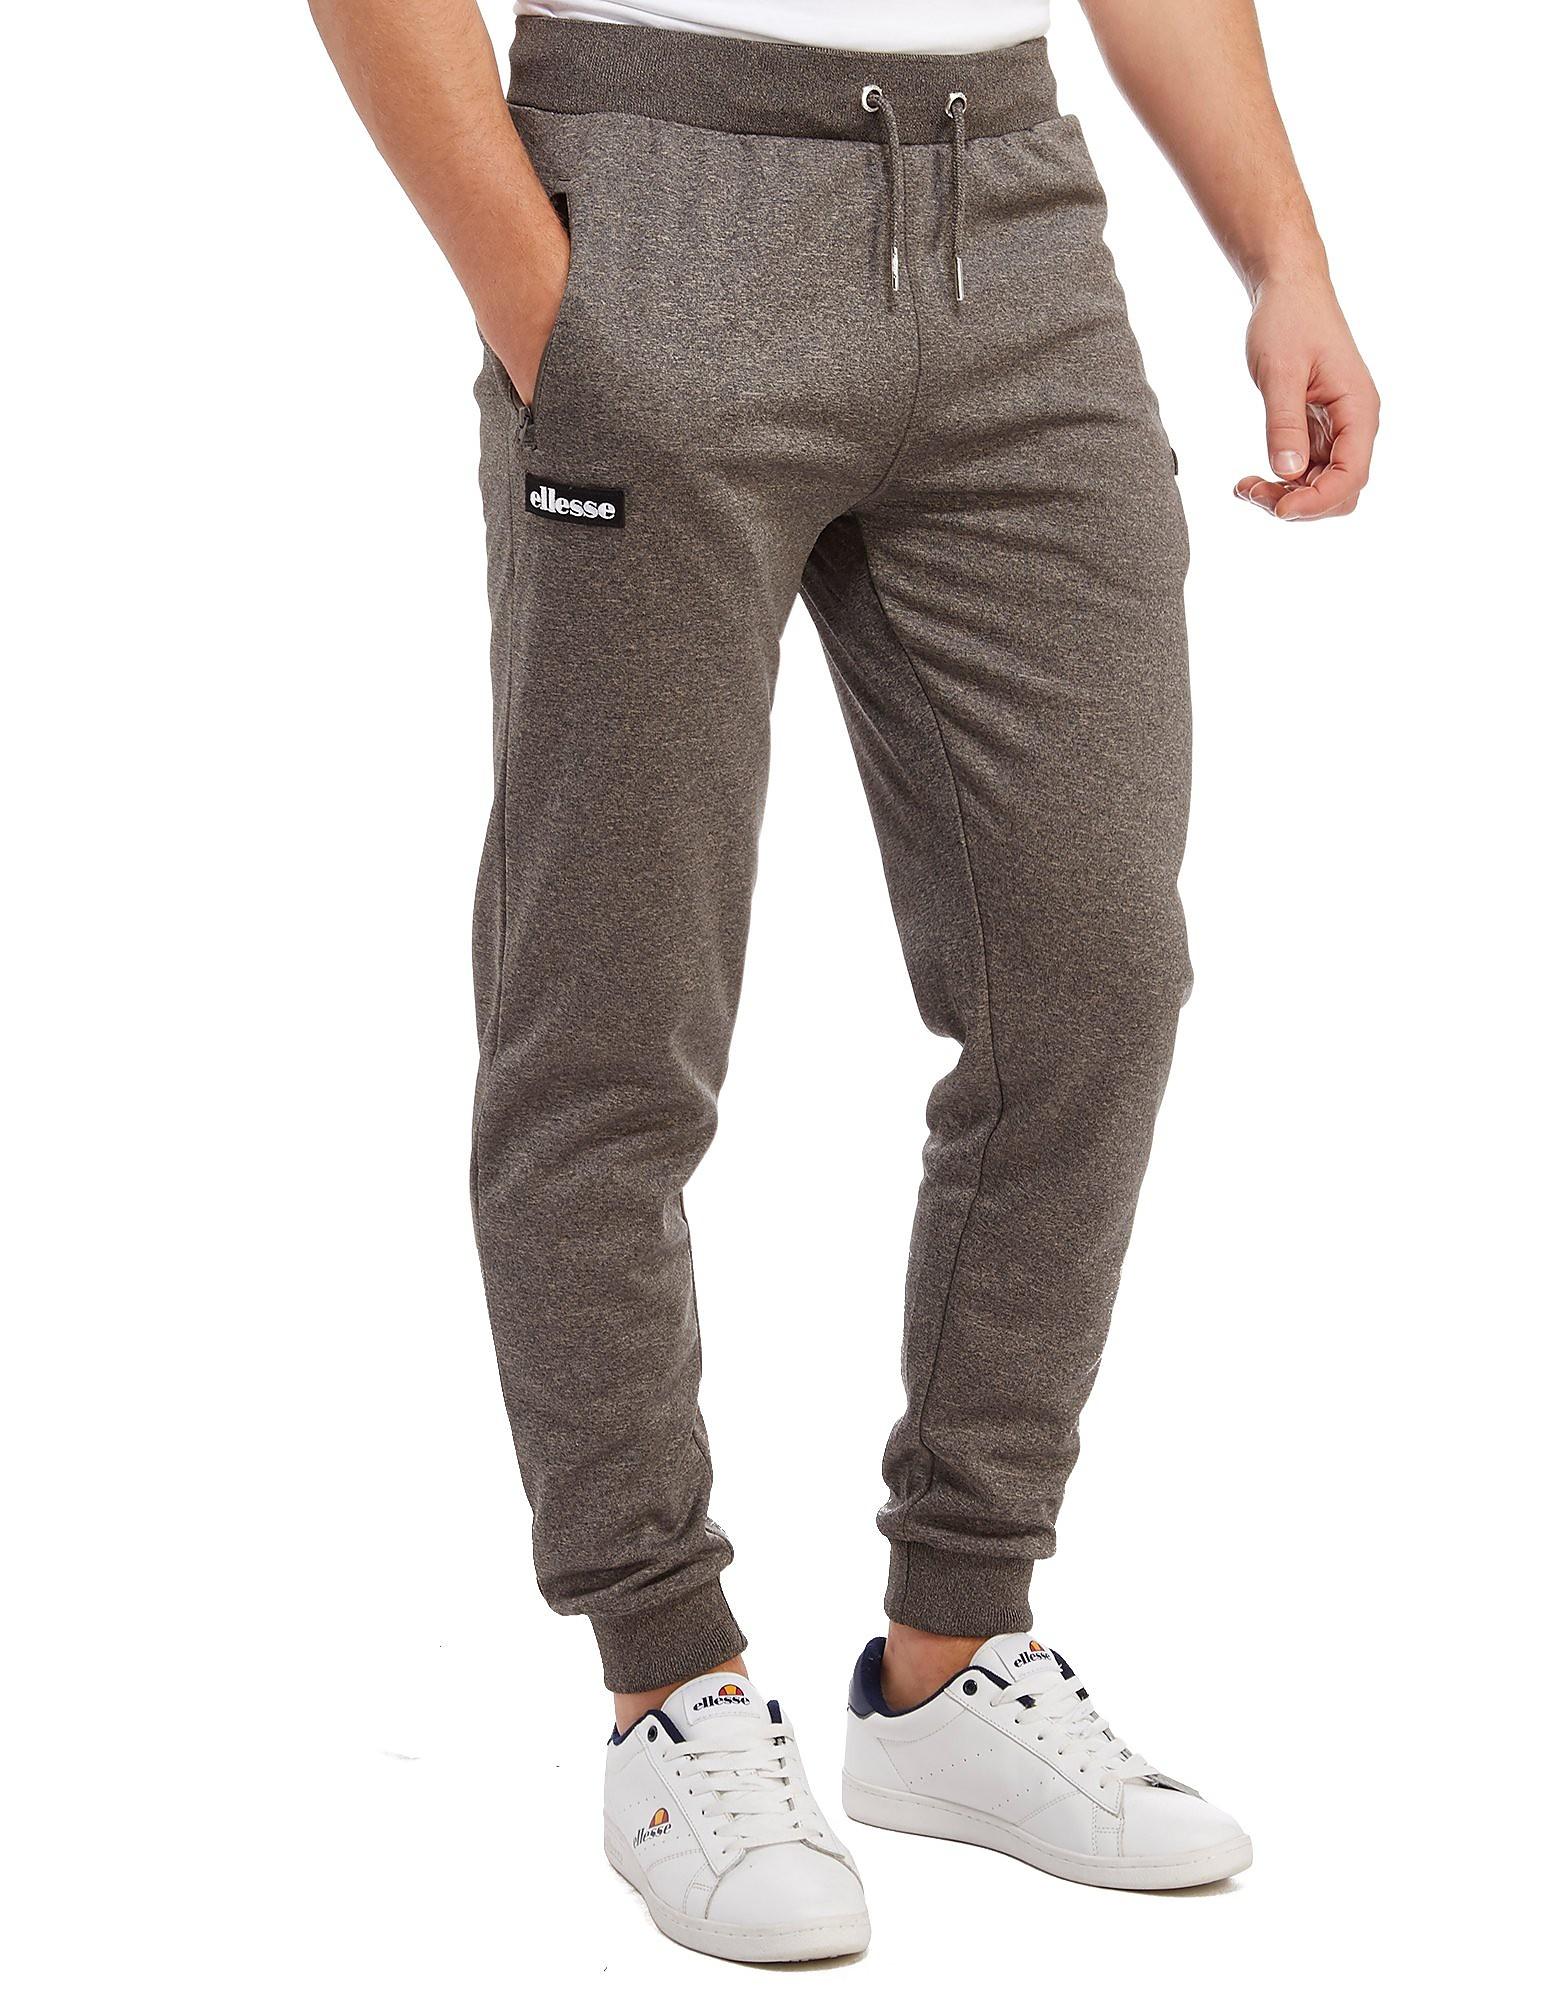 Ellesse Giardello Pants